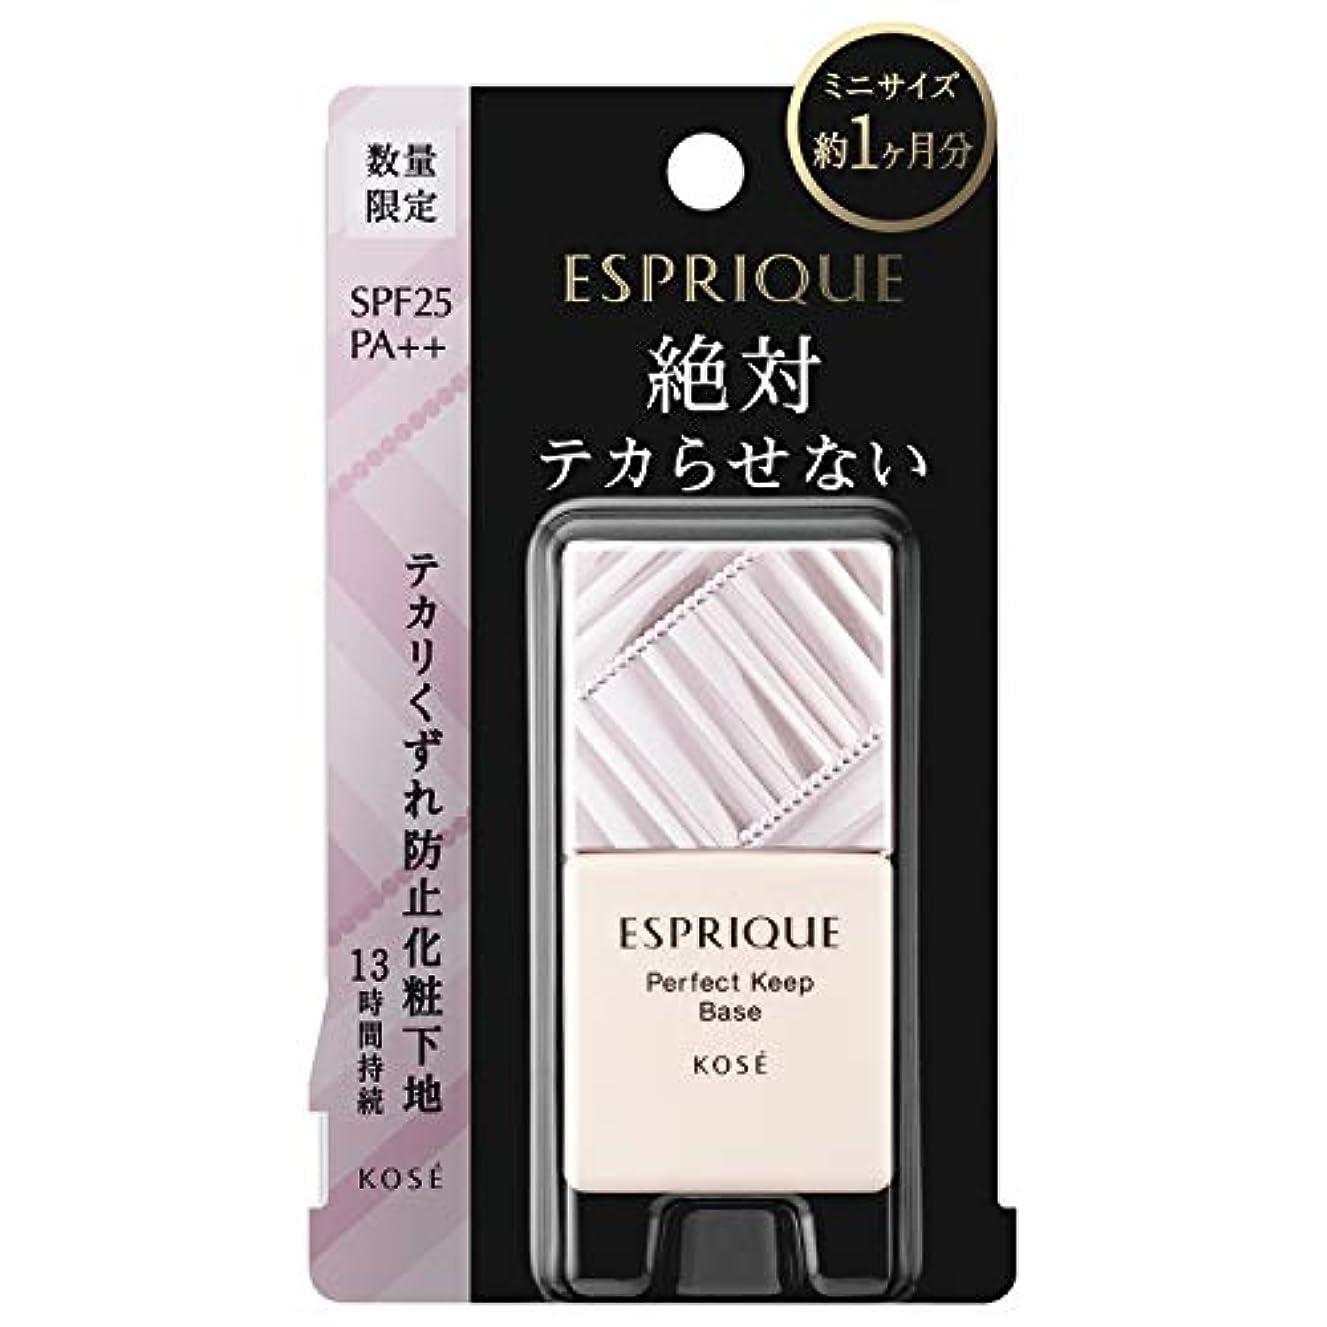 パイント含意エレメンタルESPRIQUE(エスプリーク) エスプリーク パーフェクト キープ ベース 化粧下地 10g